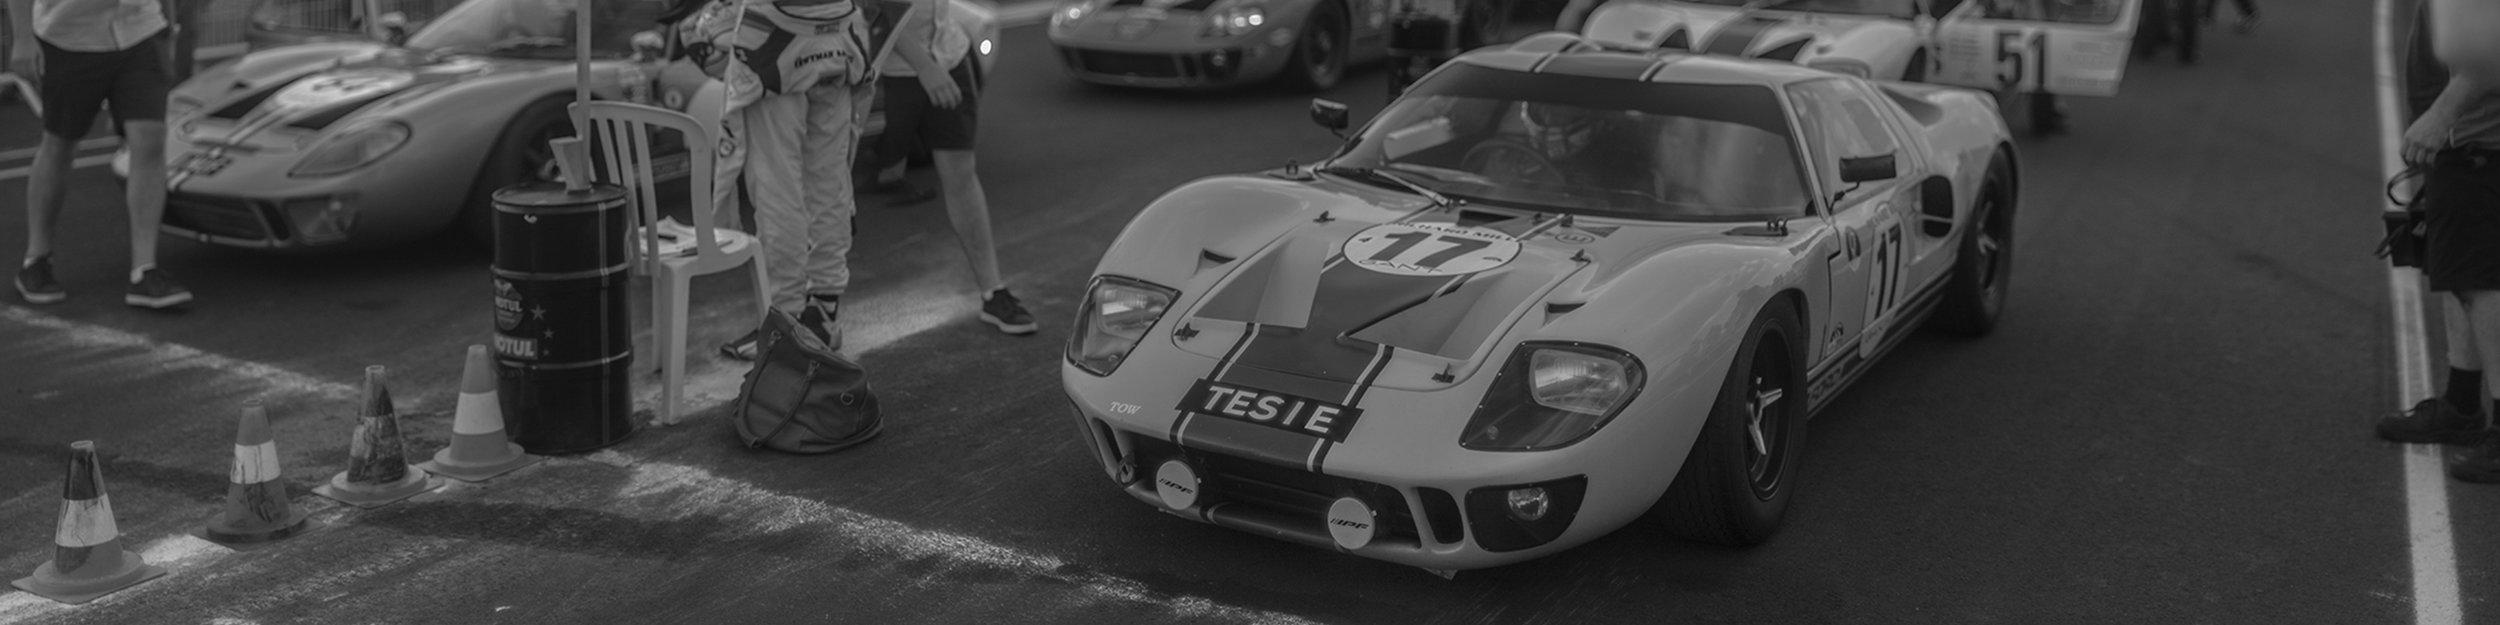 Le Mans Classic - 2018 07 06-08 Le Mans, Franciaország